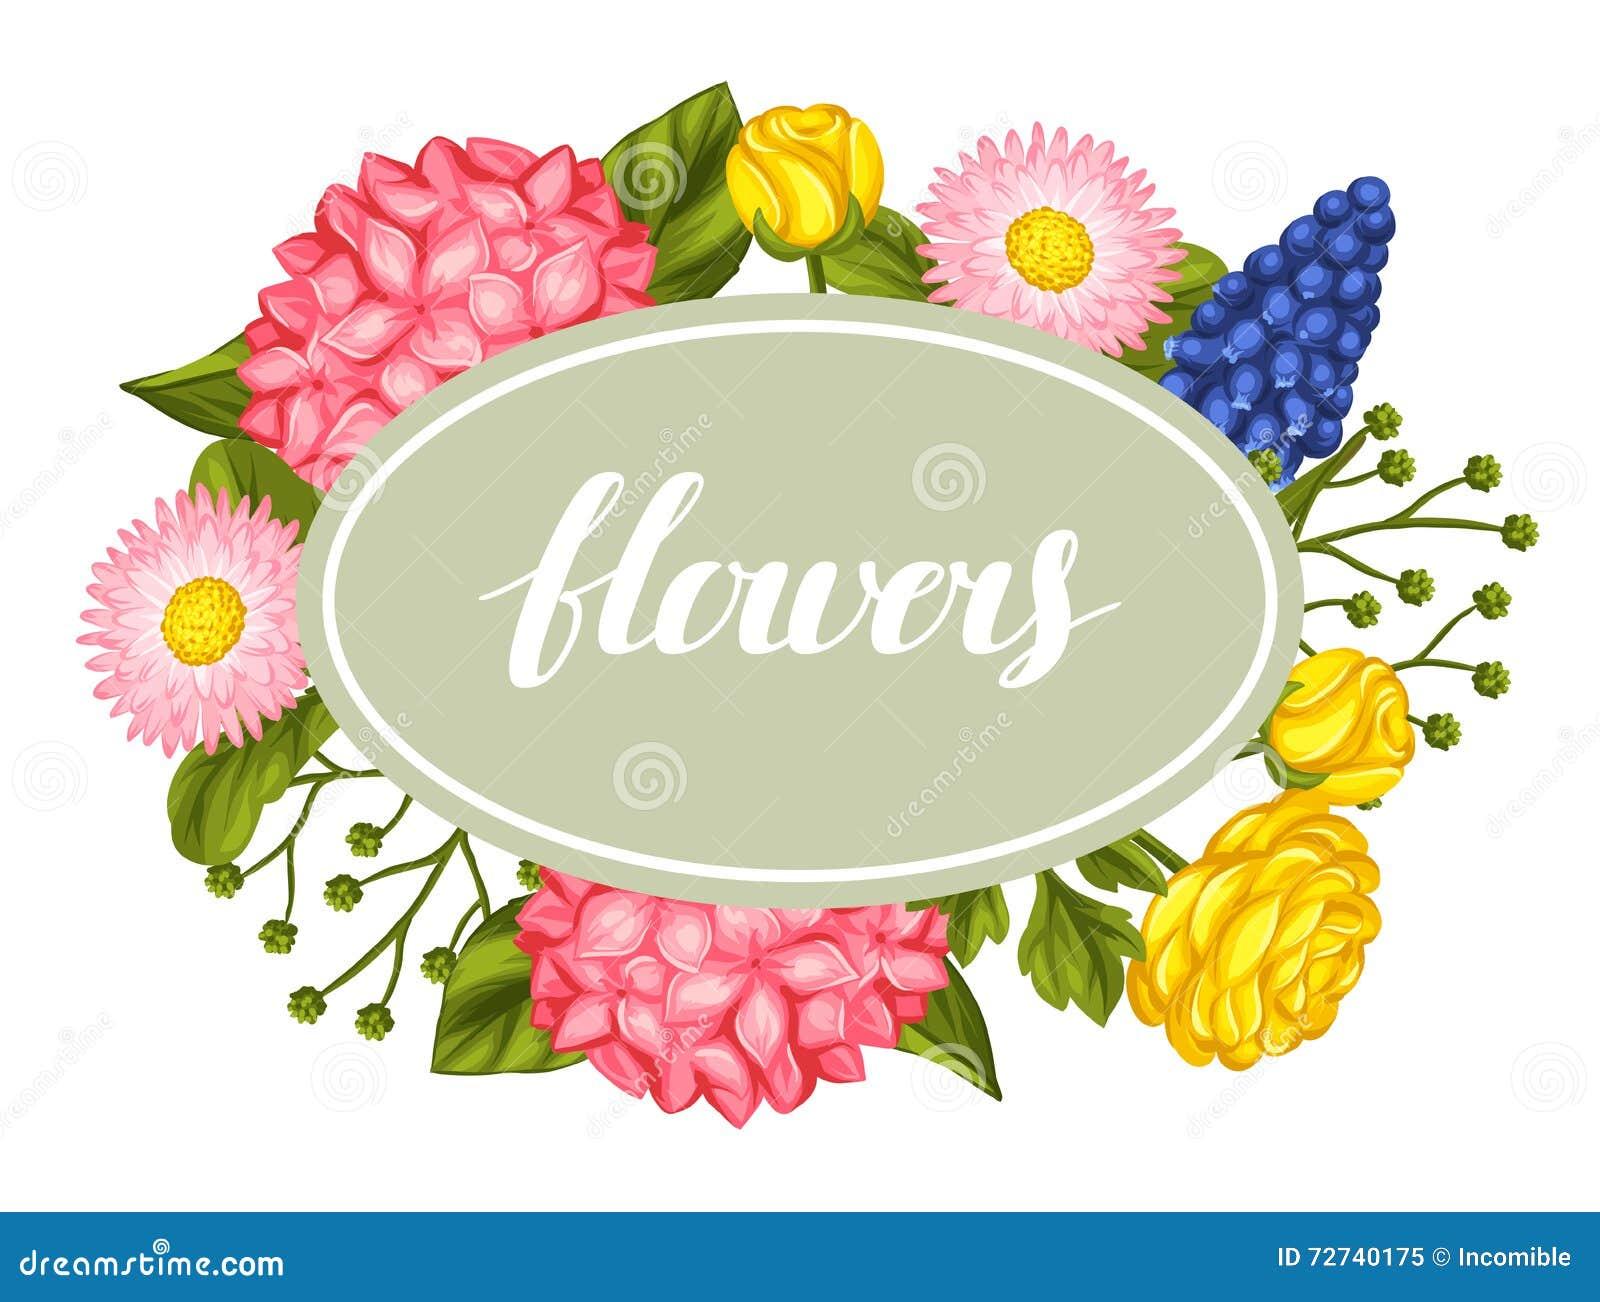 Einladungskarte Mit Gartenblumen Dekoratives Hortense, Ranunculus, Muscari  Und Gänseblümchen Bild Für Die Heirat Vektor